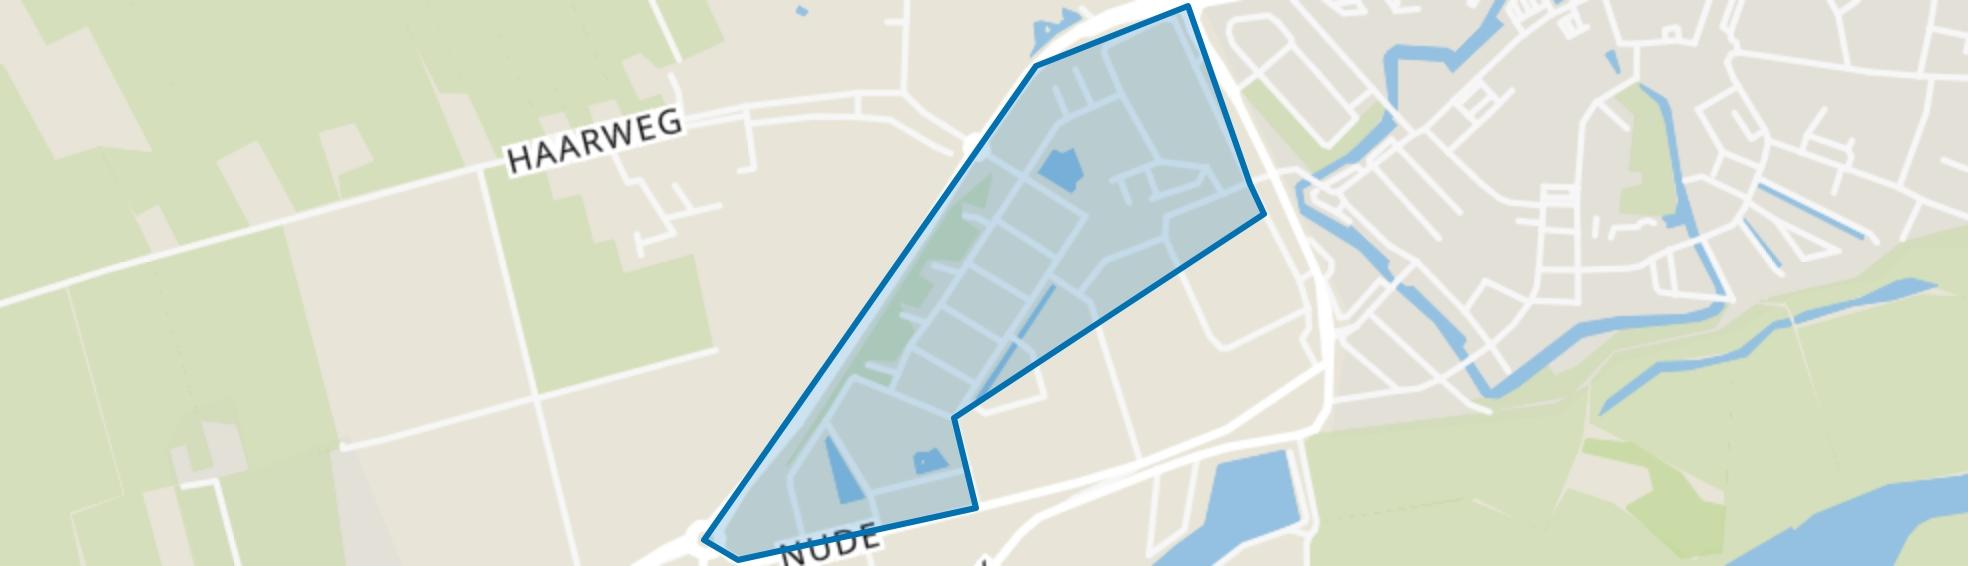 Nude-buurt, Wageningen map